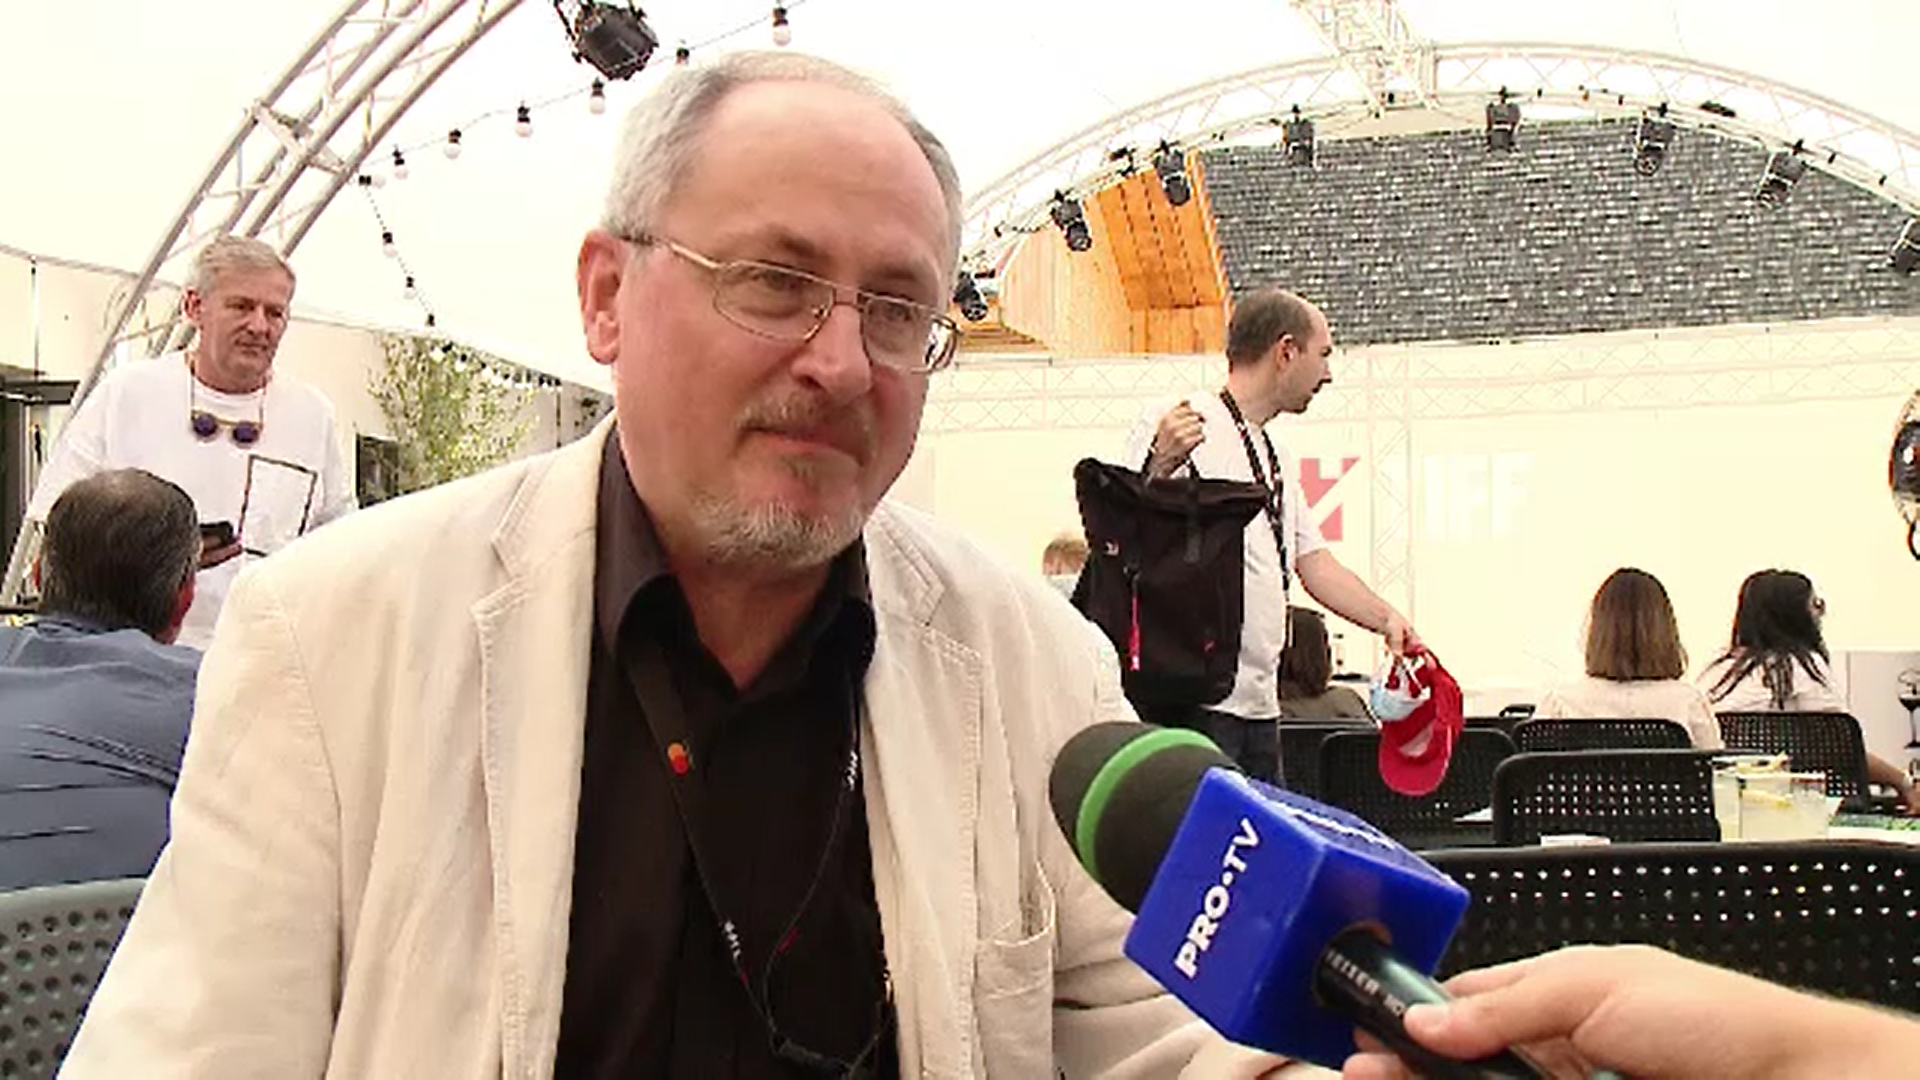 Nae Caranfil, recompensat cu premiul pentru întreaga sa carieră la Festivalul Internațional de Film Transilvania